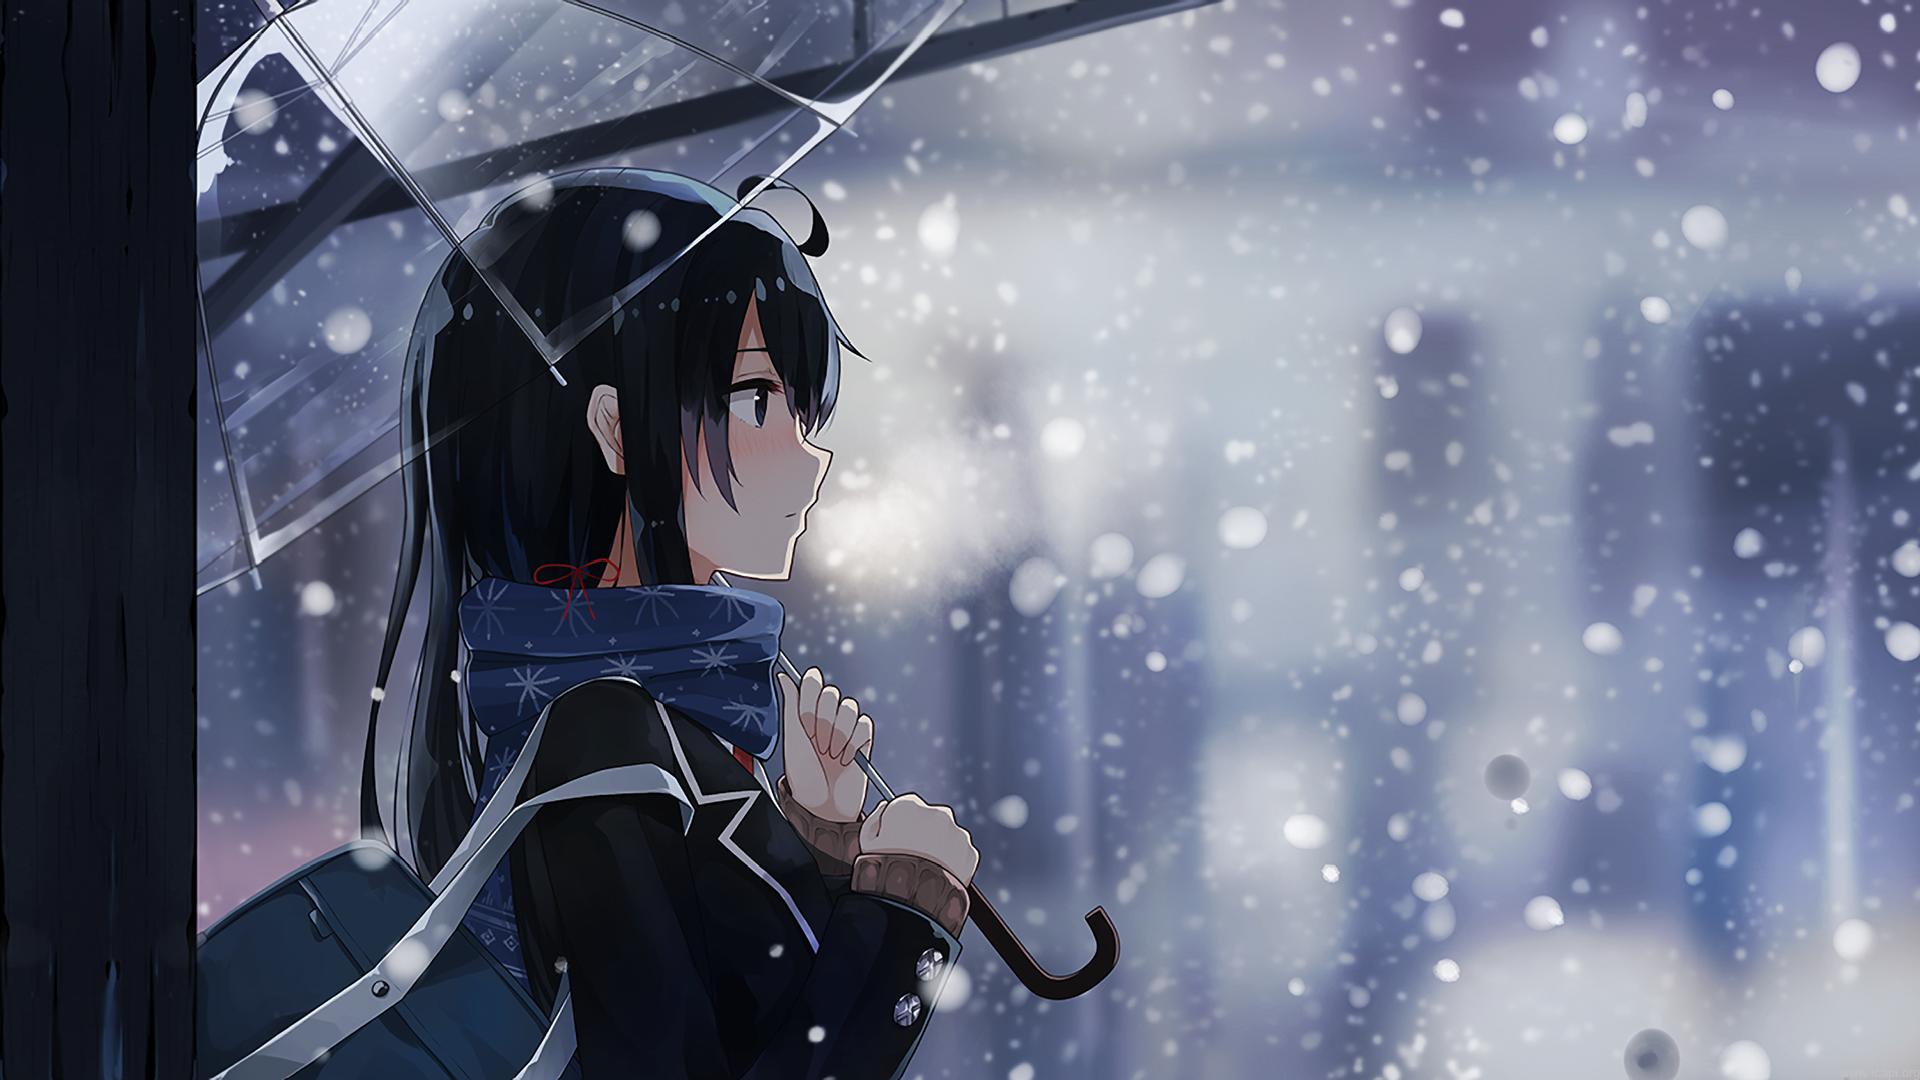 hình nền anime đẹp trai